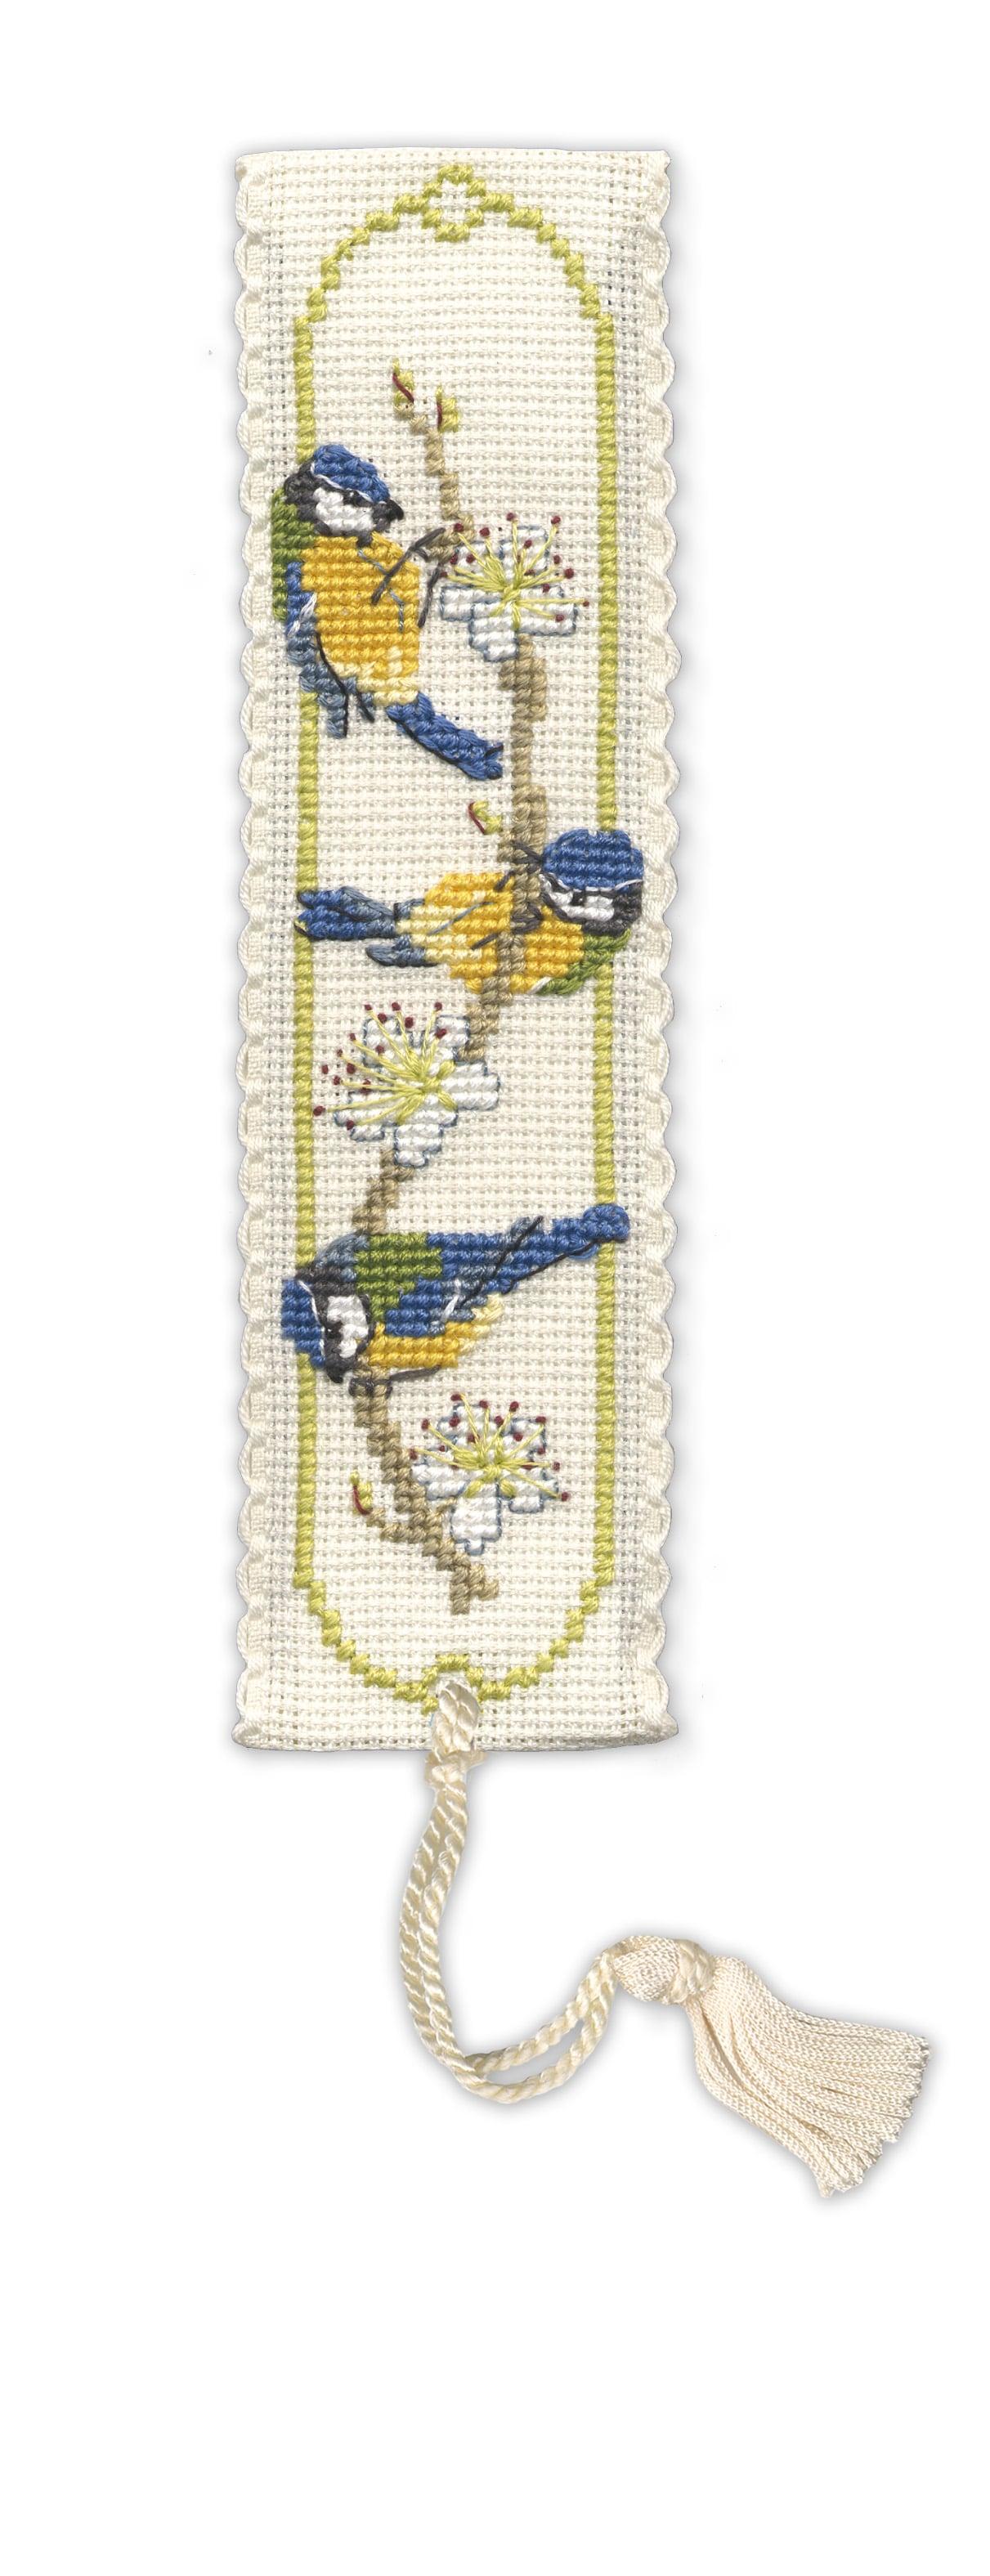 Cross Stitch Bookmark Kits